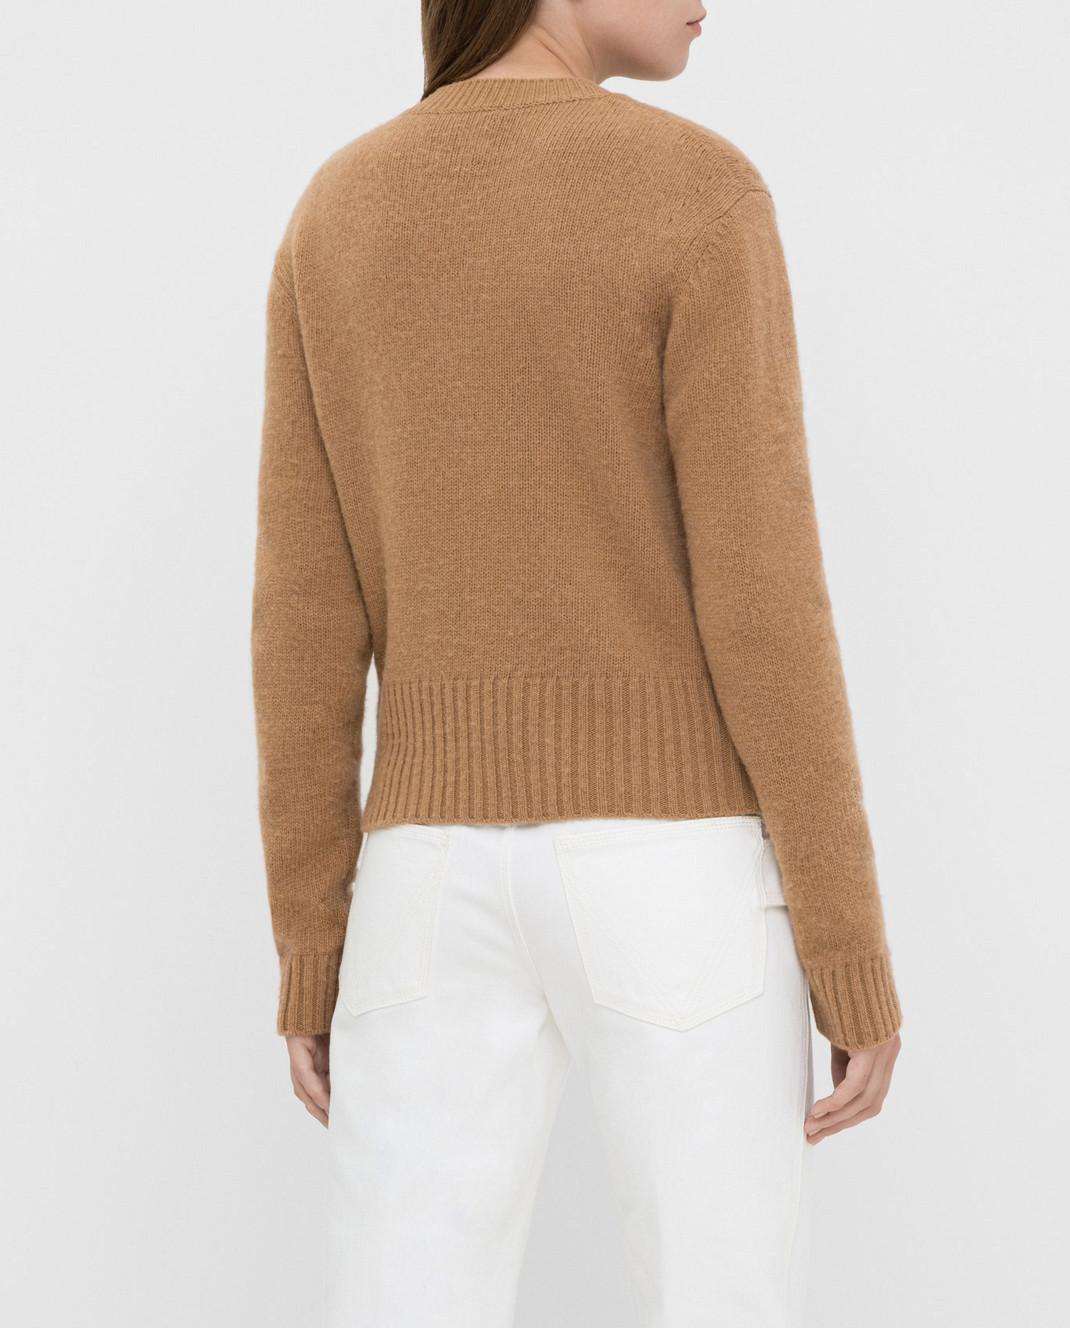 Bottega Veneta Бежевый свитер из шерсти 577543 изображение 4